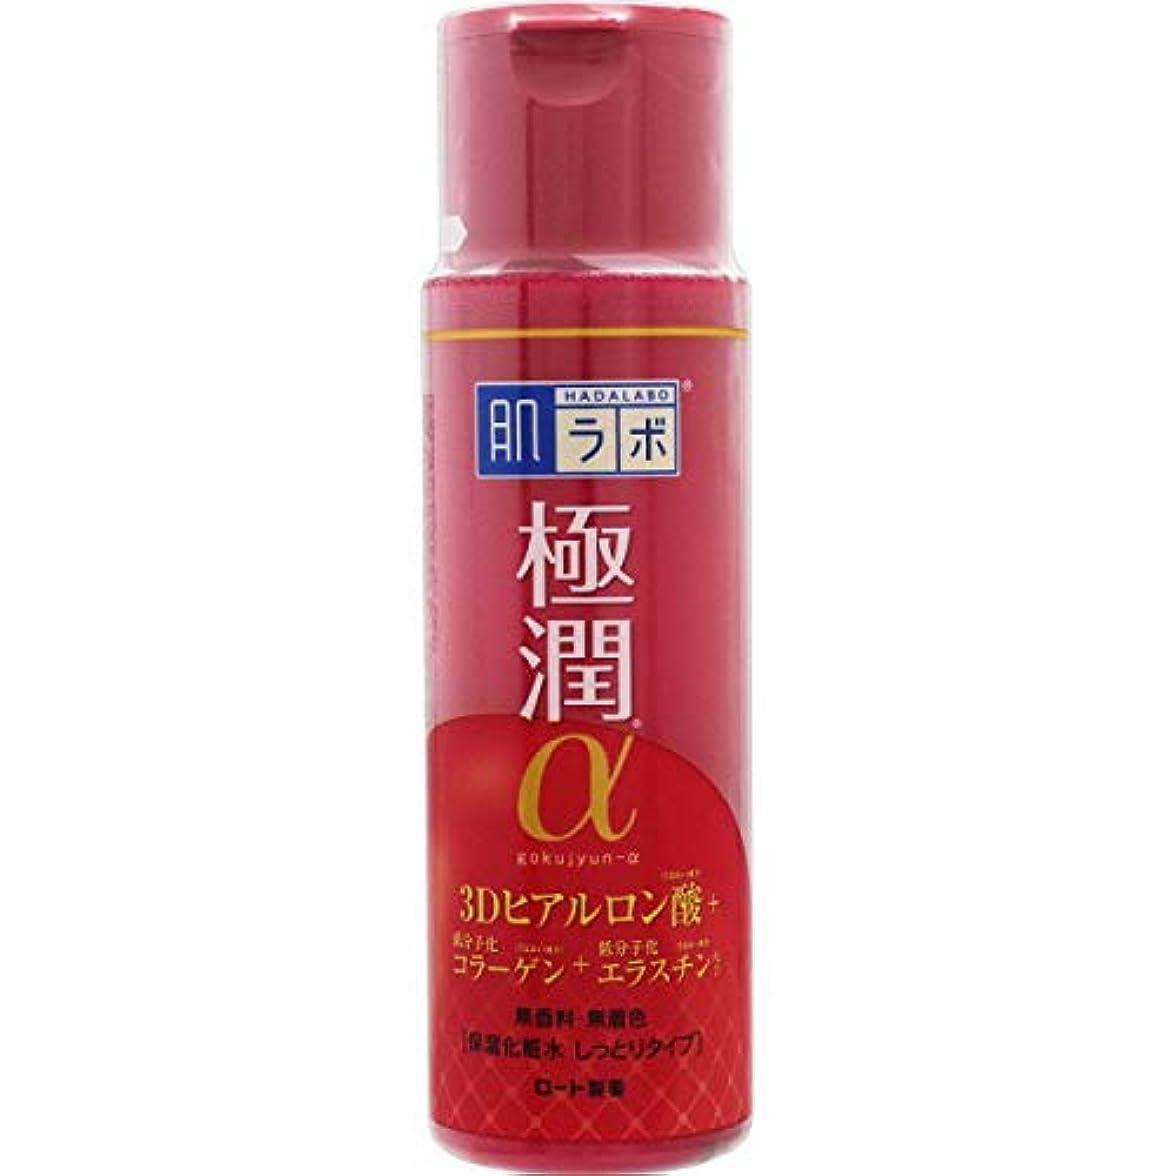 若者カンガルー裏切り【まとめ買い】肌ラボ 極潤α ハリ化粧水しっとりタイプ 170ml×7個